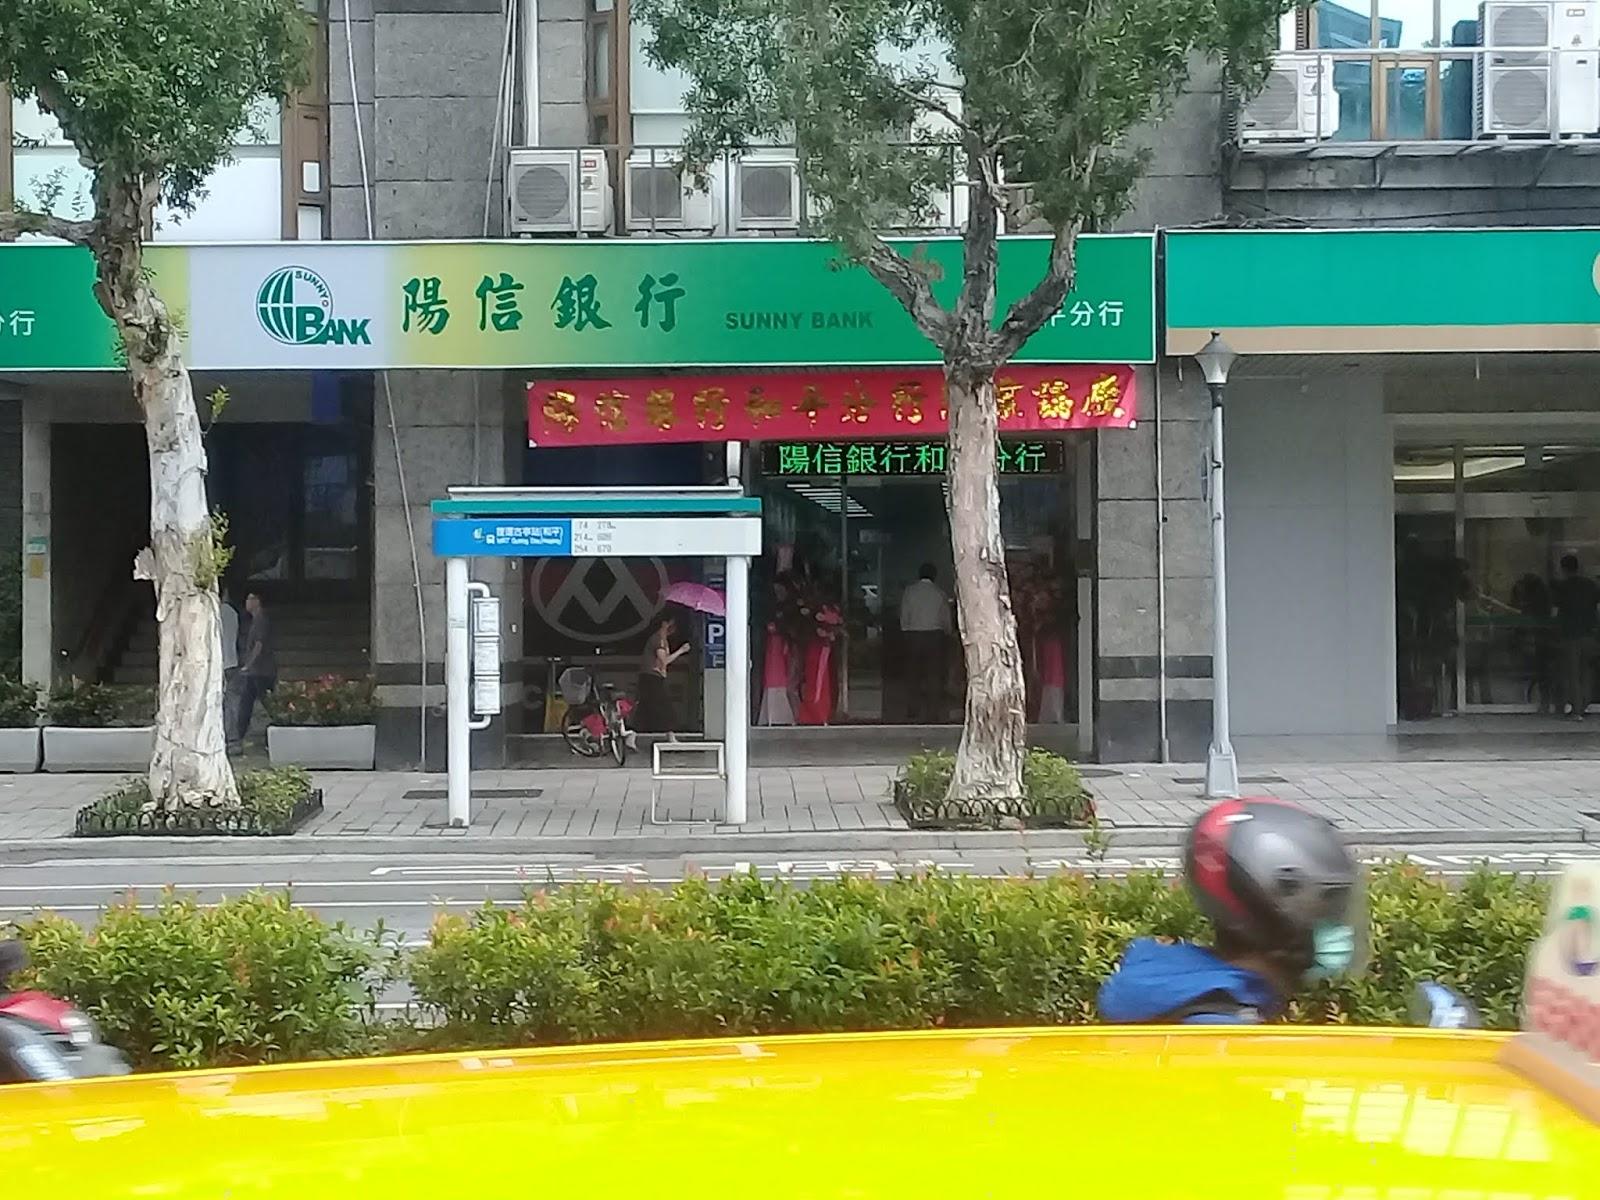 就是愛公車: 20180911 568 萬華-捷運麟光站 搭乘紀錄